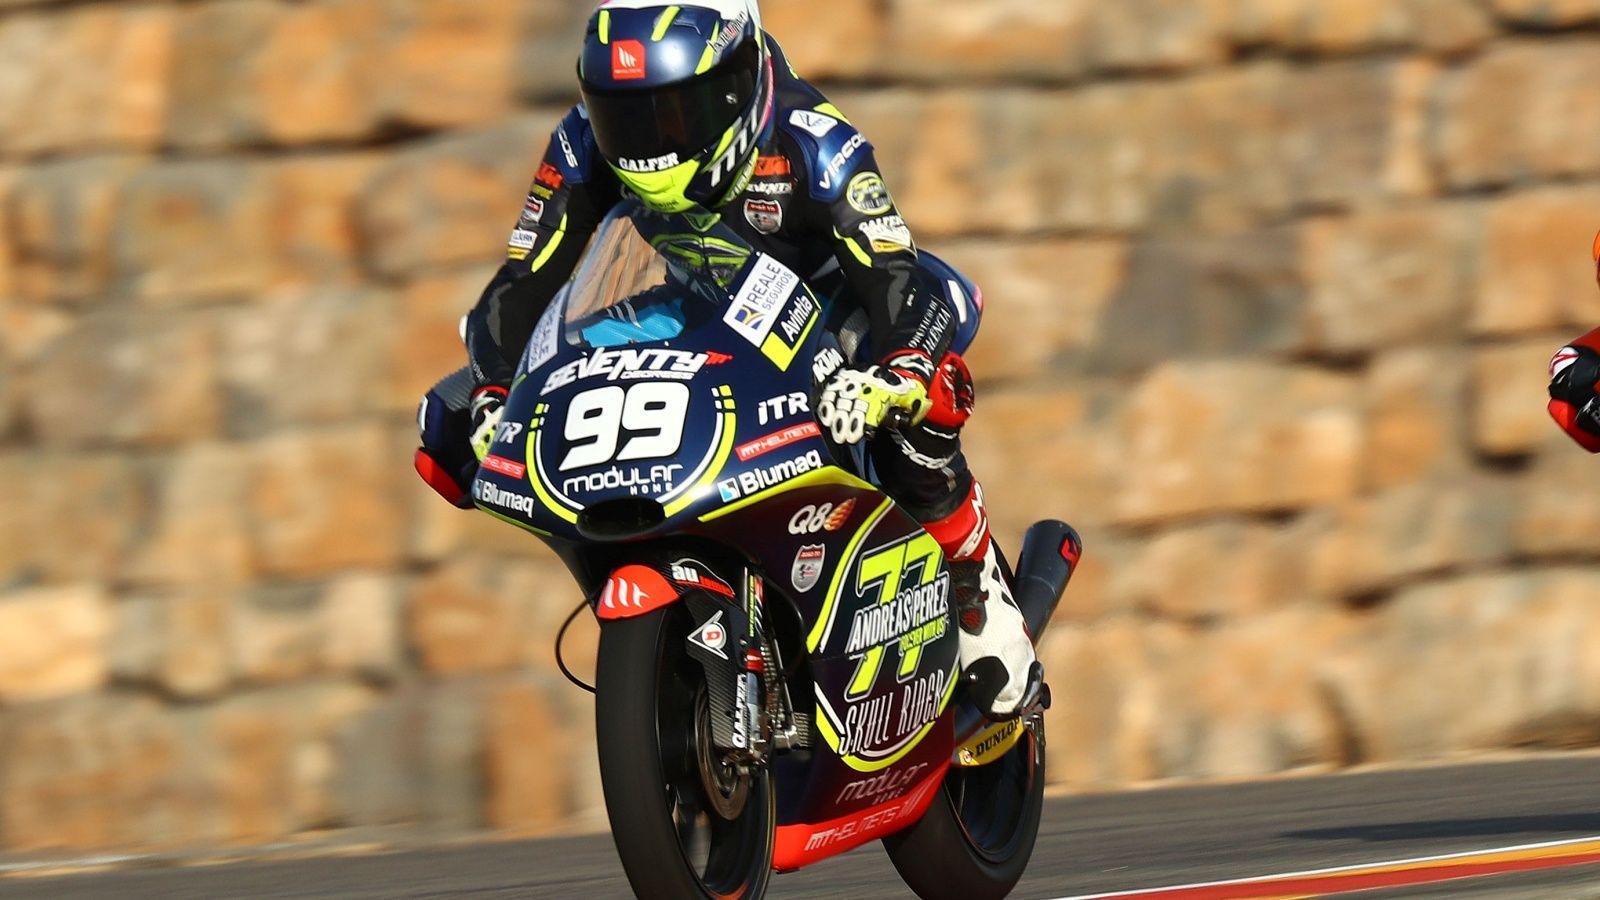 Carlos Tatay dará el salto al Mundial de Moto3 en 2020